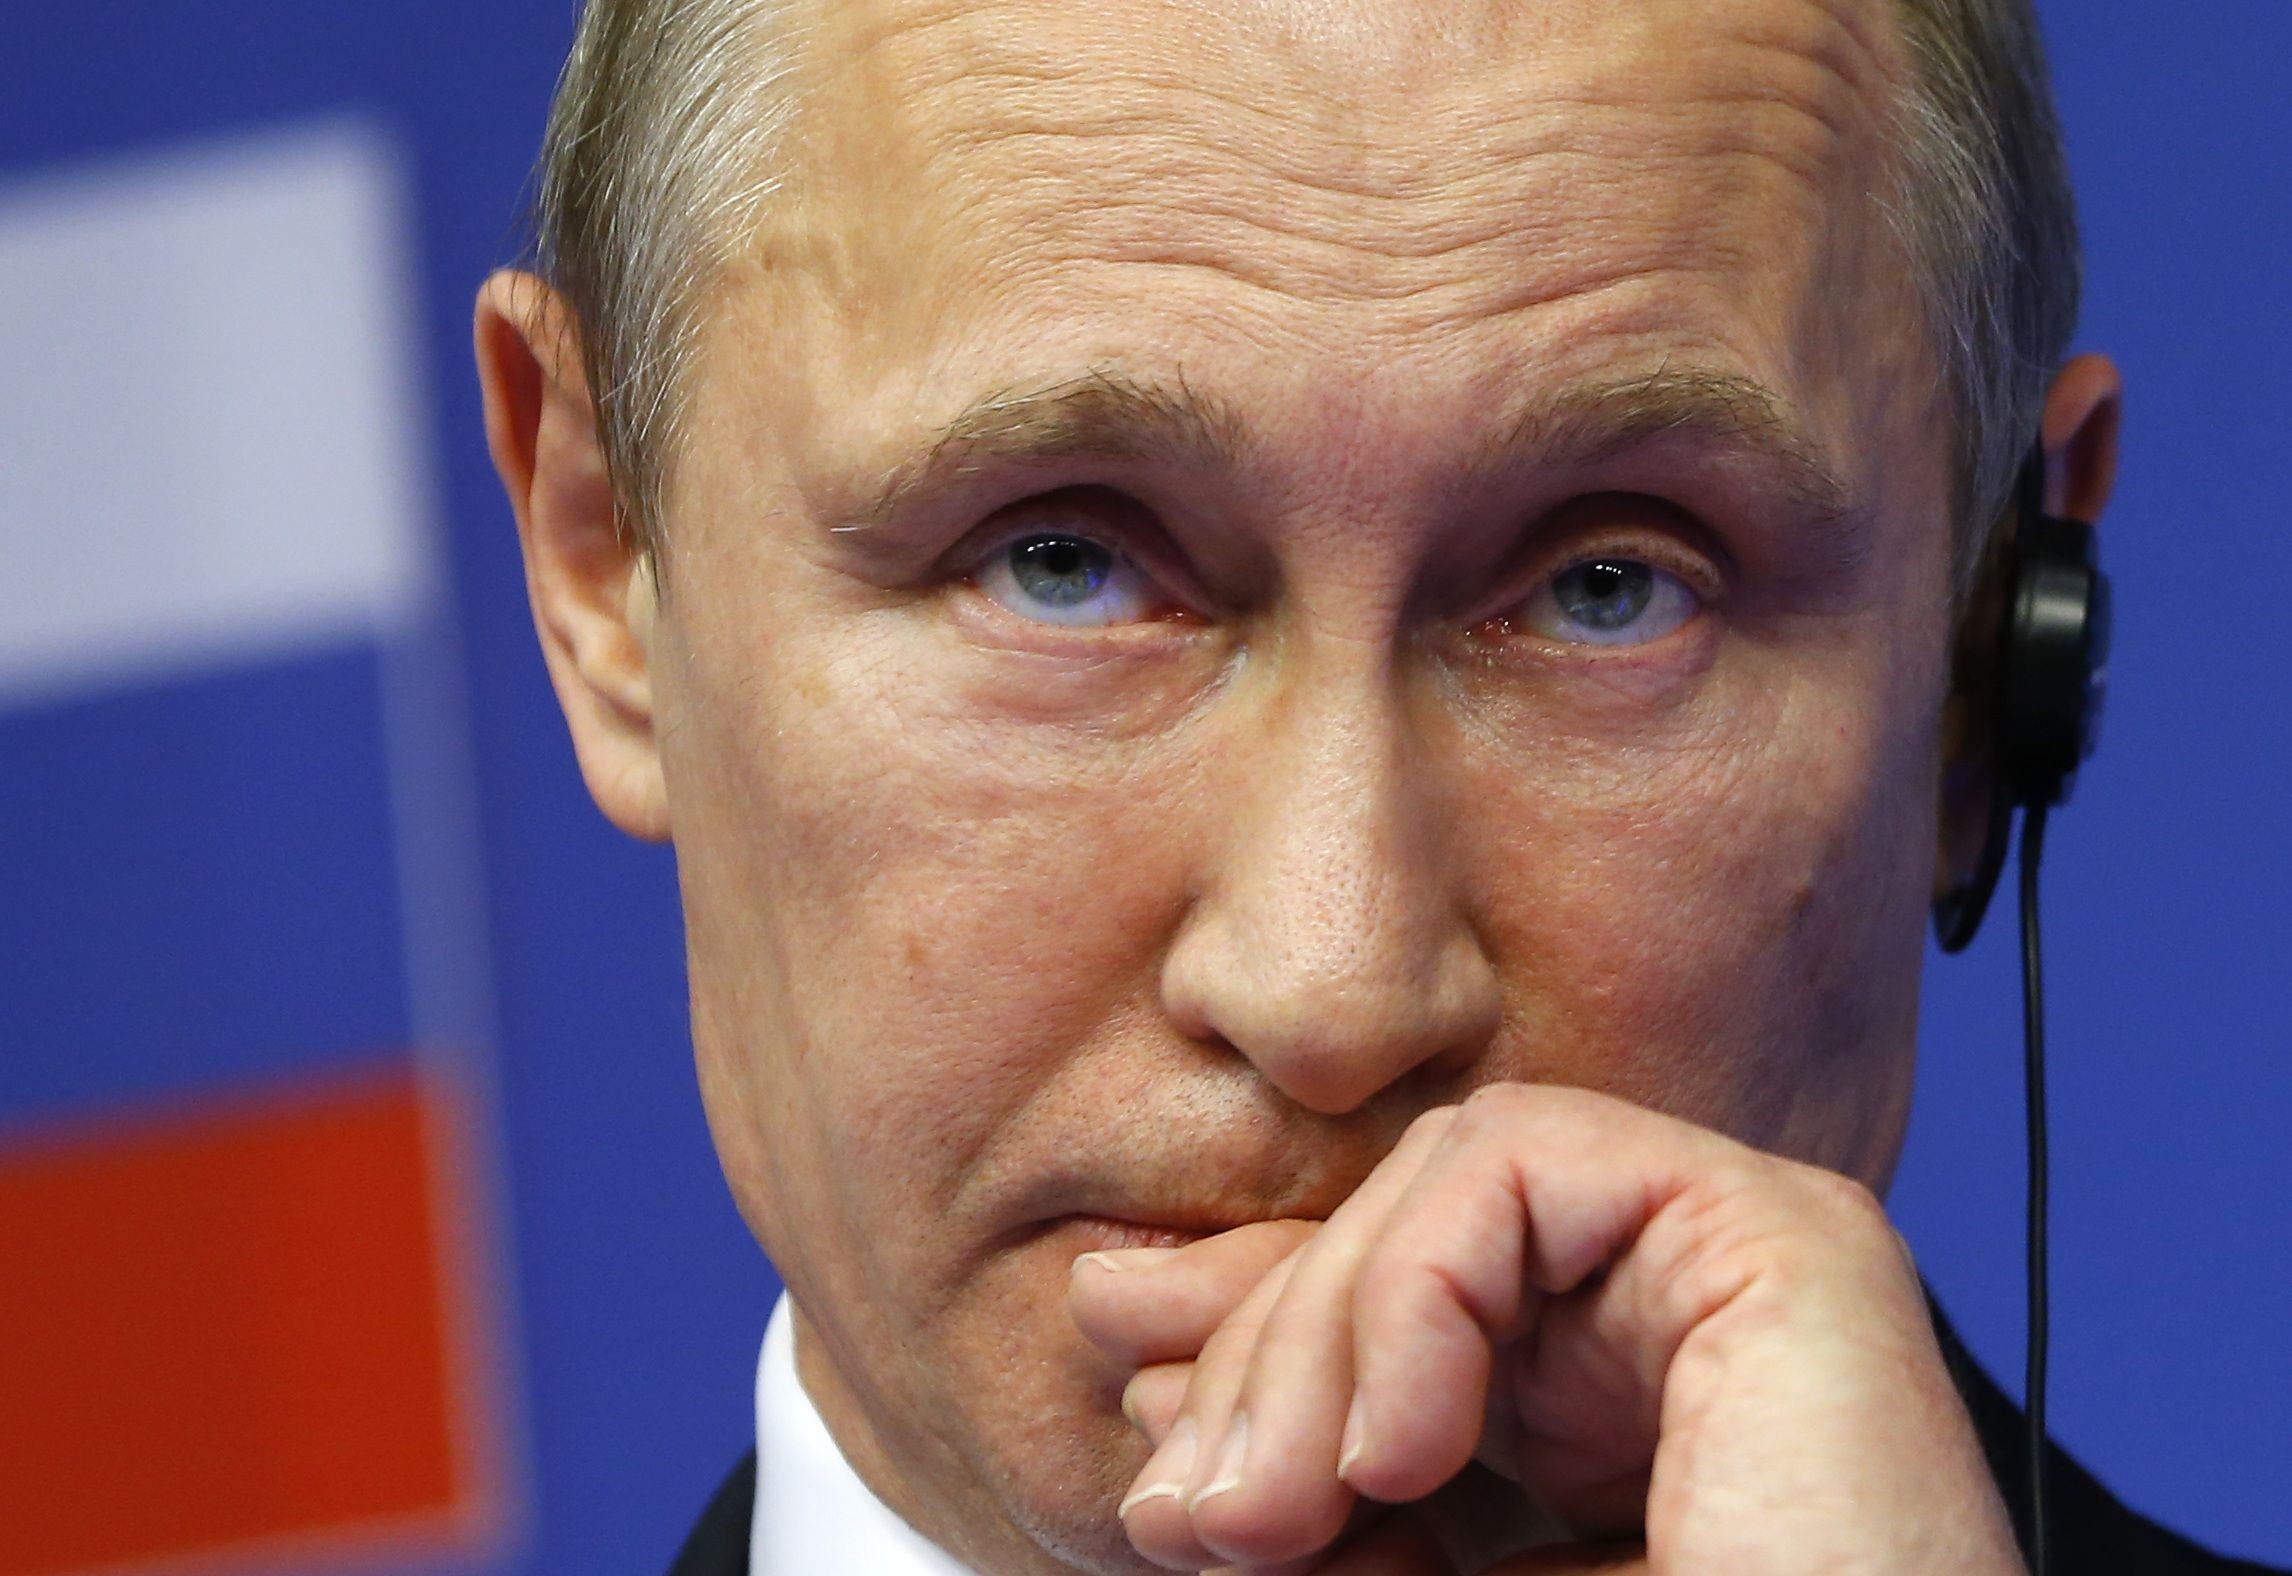 Весной Путин должен уйти из Украины, считает эксперт